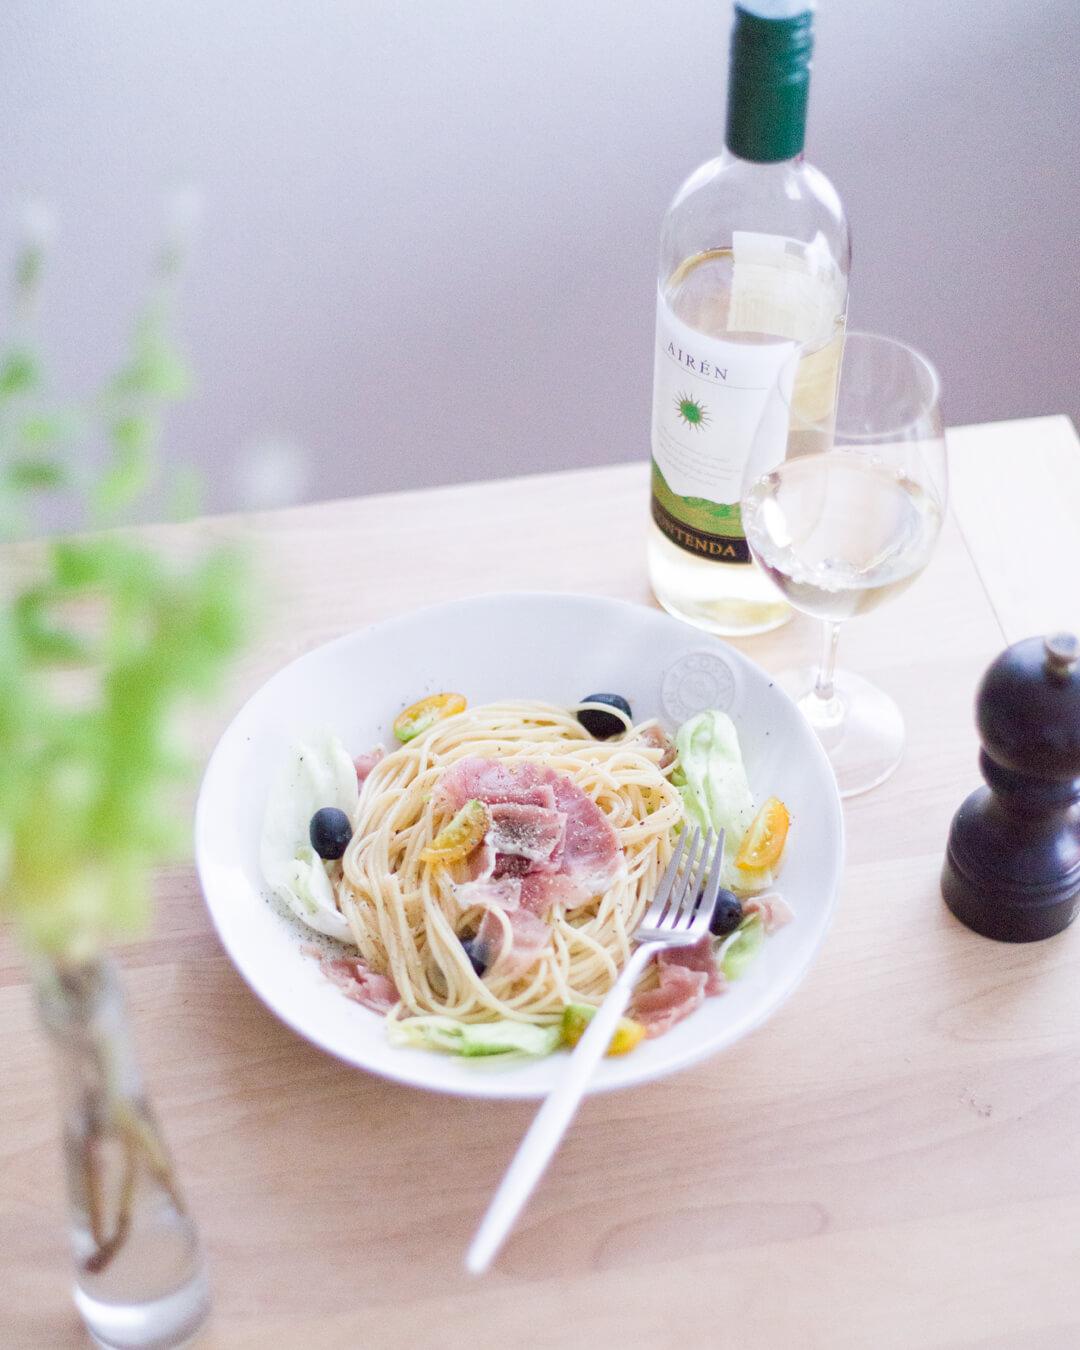 シンプル・レタスと生ハムの冷製スパゲティ